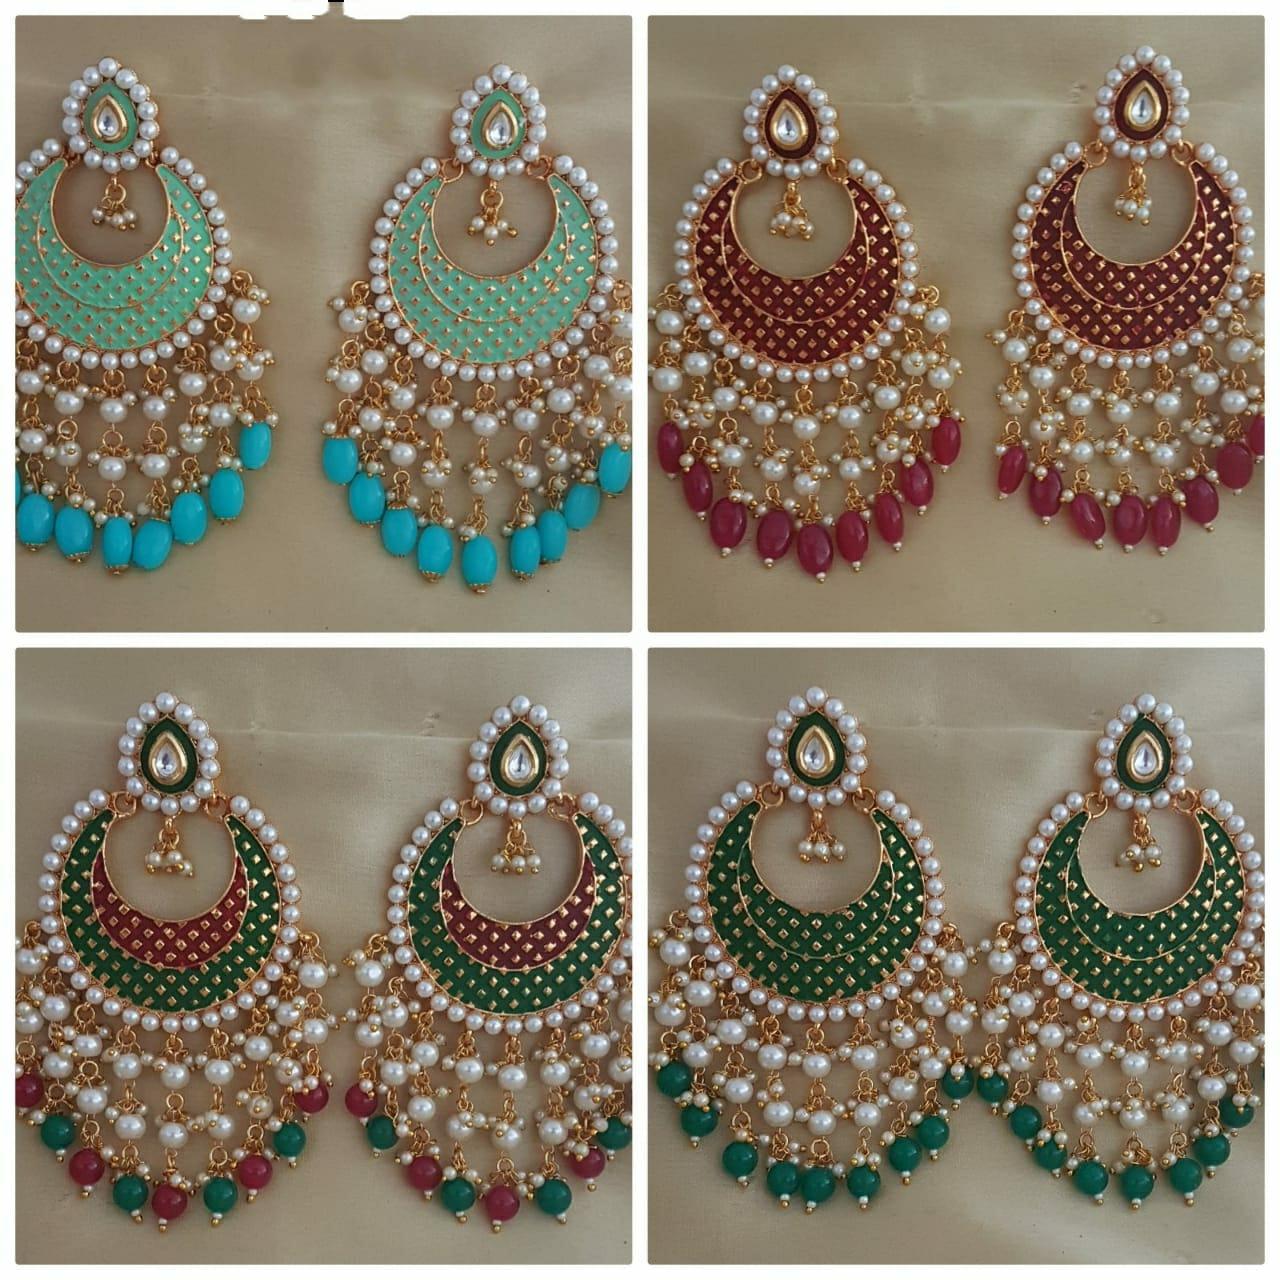 ethnic earring,stone earring Indian earrings temple jewelry silver golden dual tone earring with pearl handmade kemp Long earrings